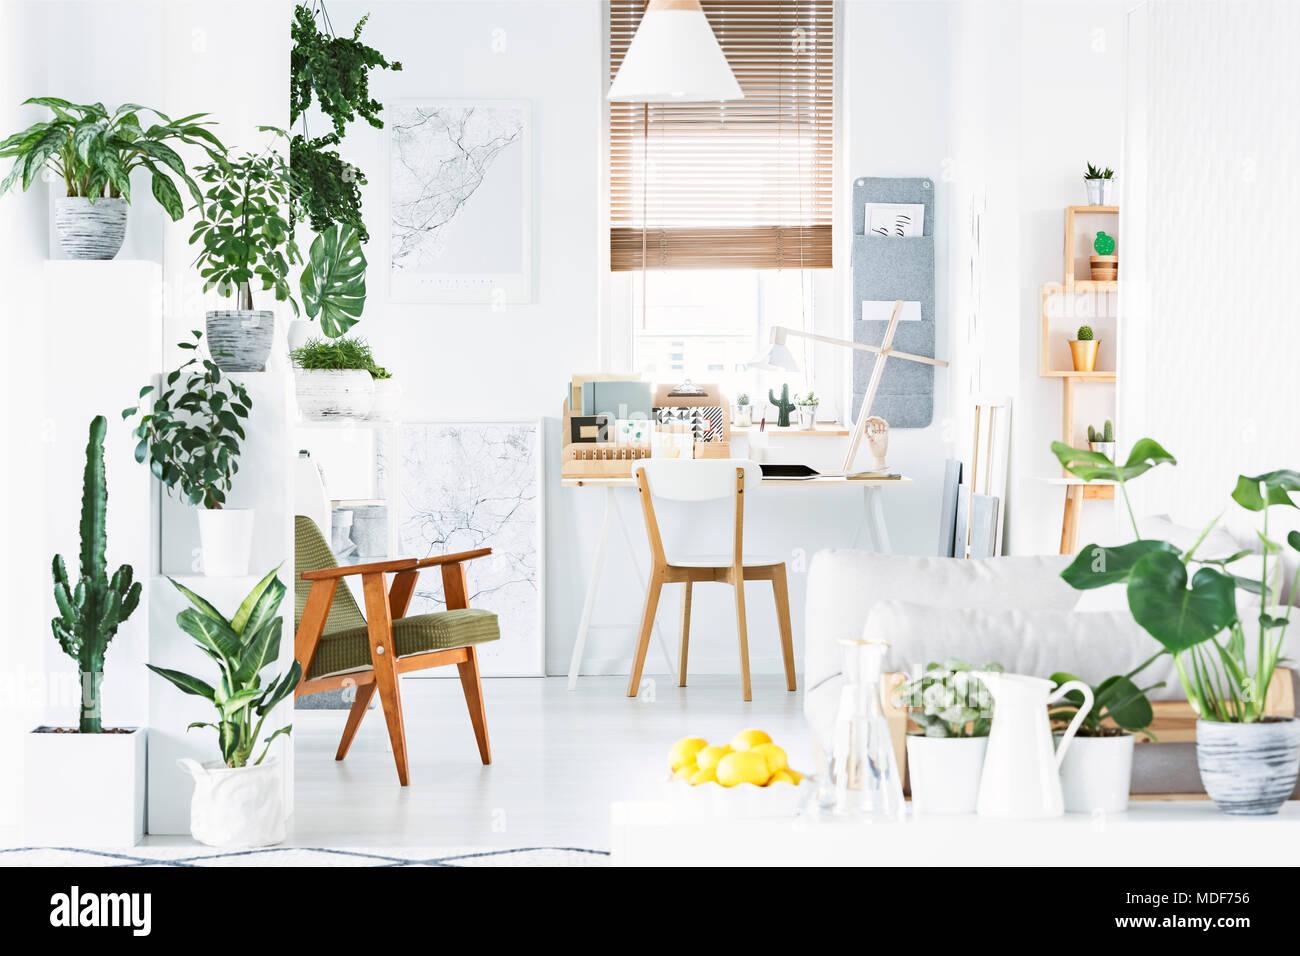 Botaniche home office interno con pareti bianche, sedia in legno e dei limoni in una ciotola Immagini Stock